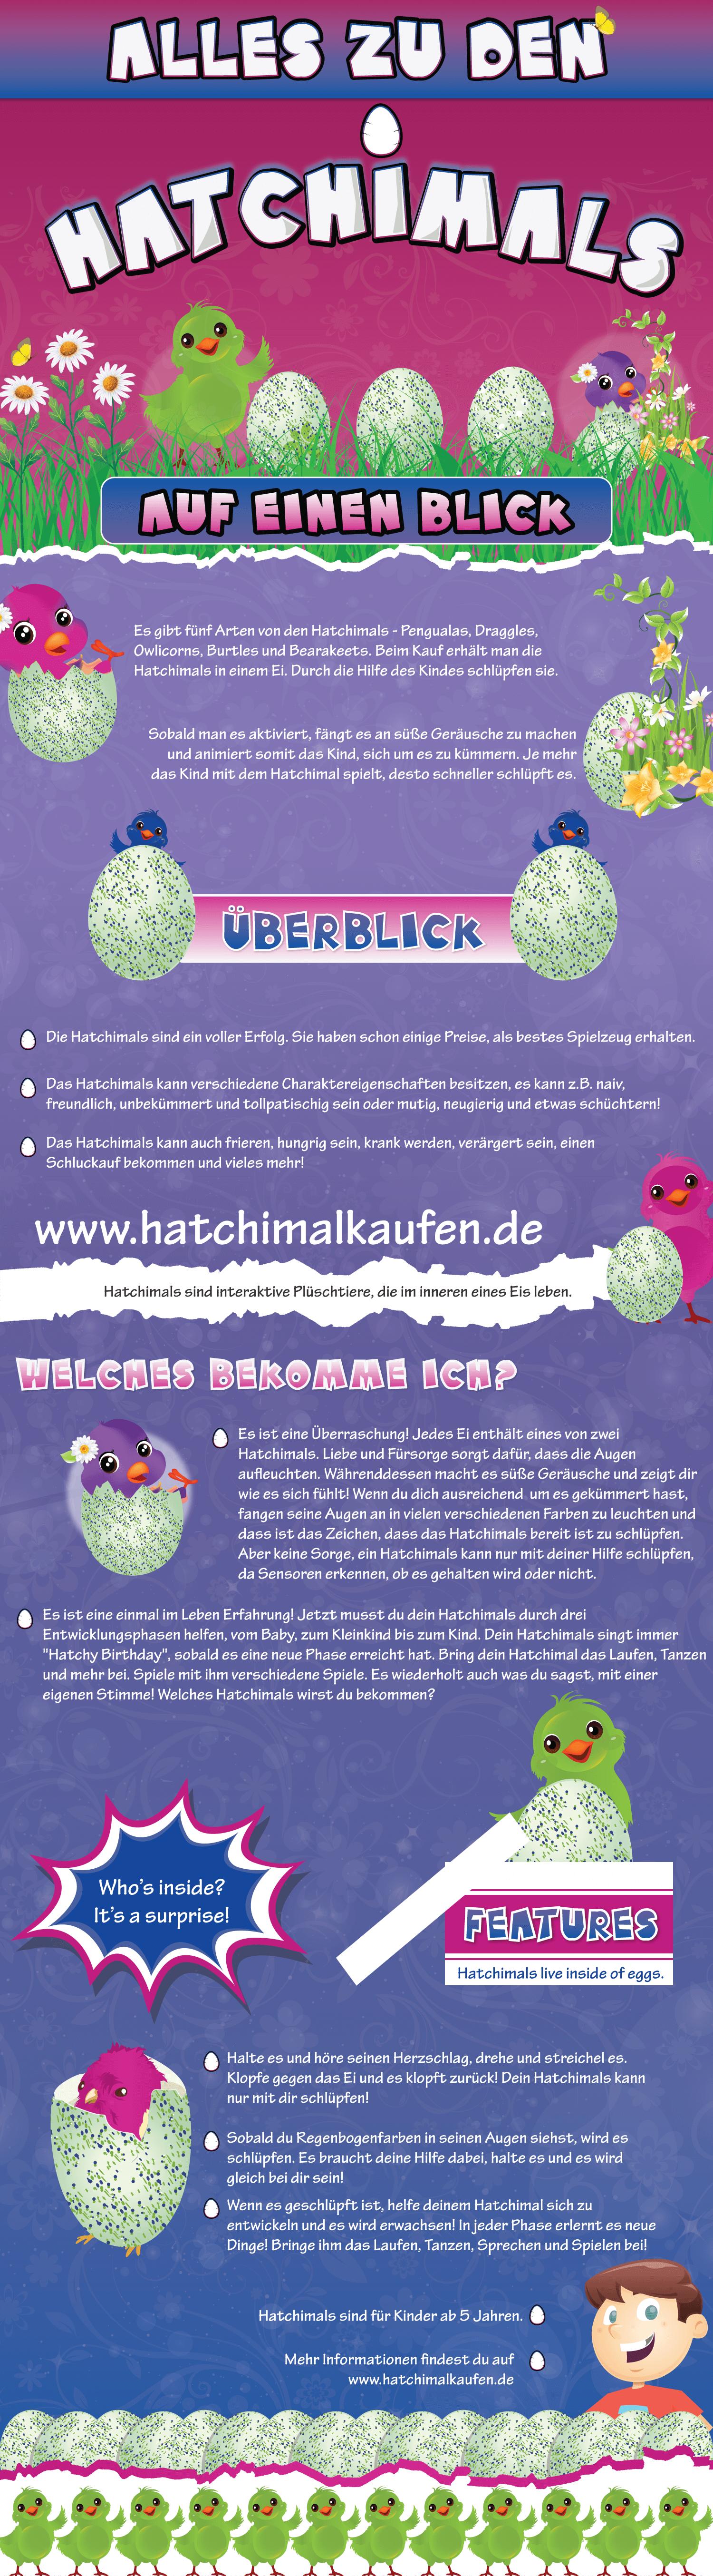 Hatchimals Infographic